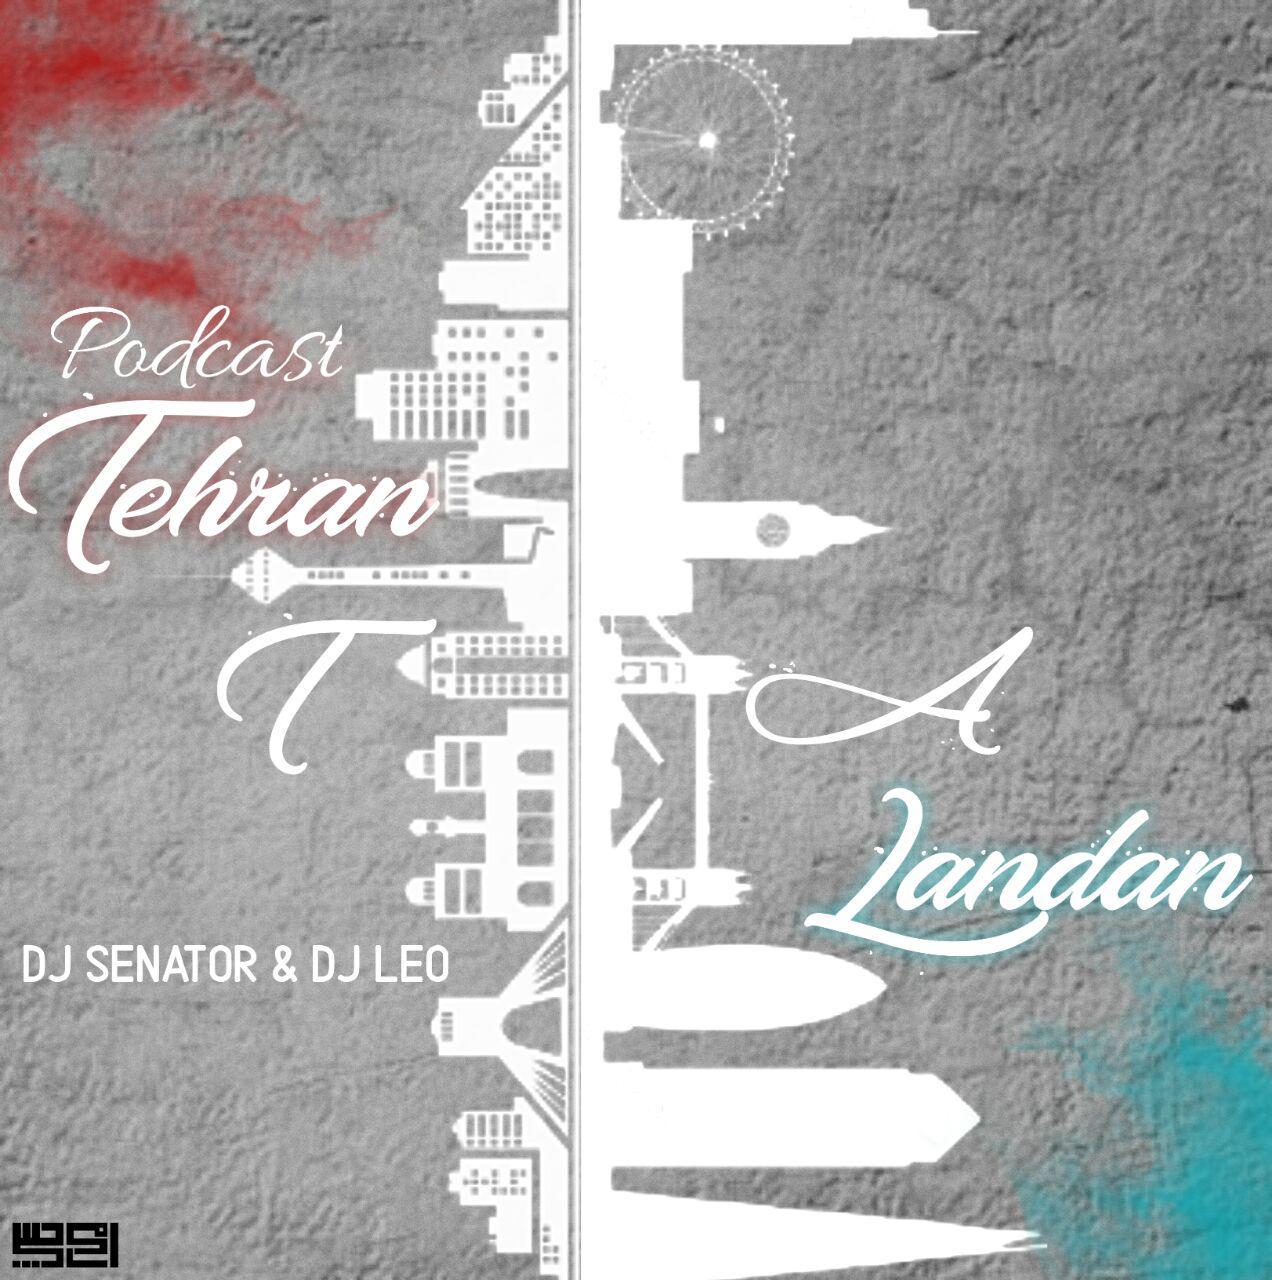 دانلود آهنگ جدید دیجی سناتور و دیجی لئو تهران تا لندن